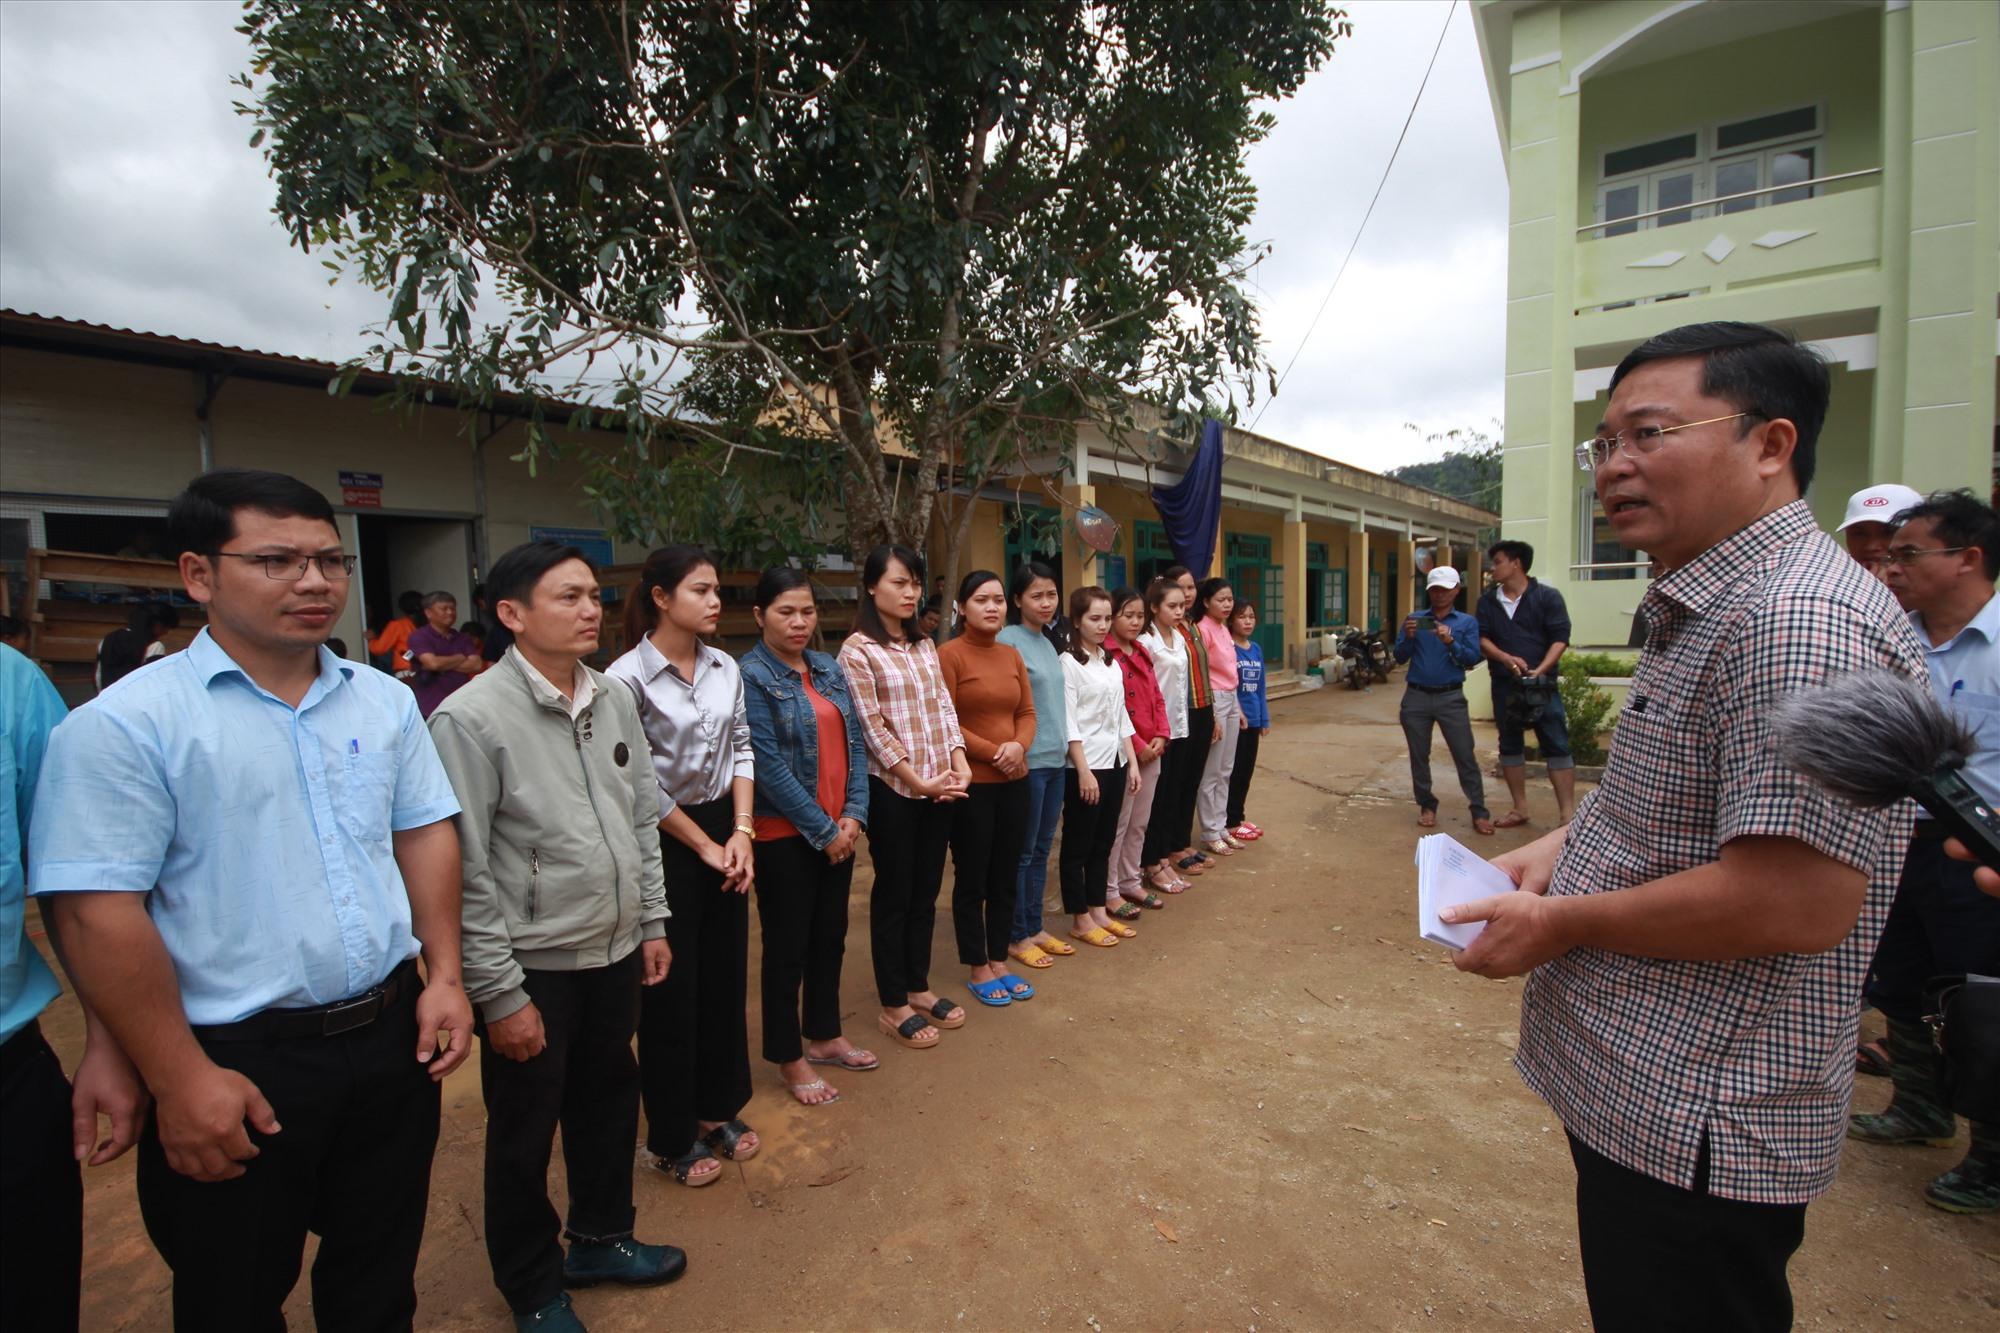 Chủ tịch UBND tỉnh Lê Trí Thanh gặp gỡ, động viên các thầy cô giáo trường Phổ thông dân tộc bán trú Tiểu học và THCS Phước Lộc. Ảnh: T.C